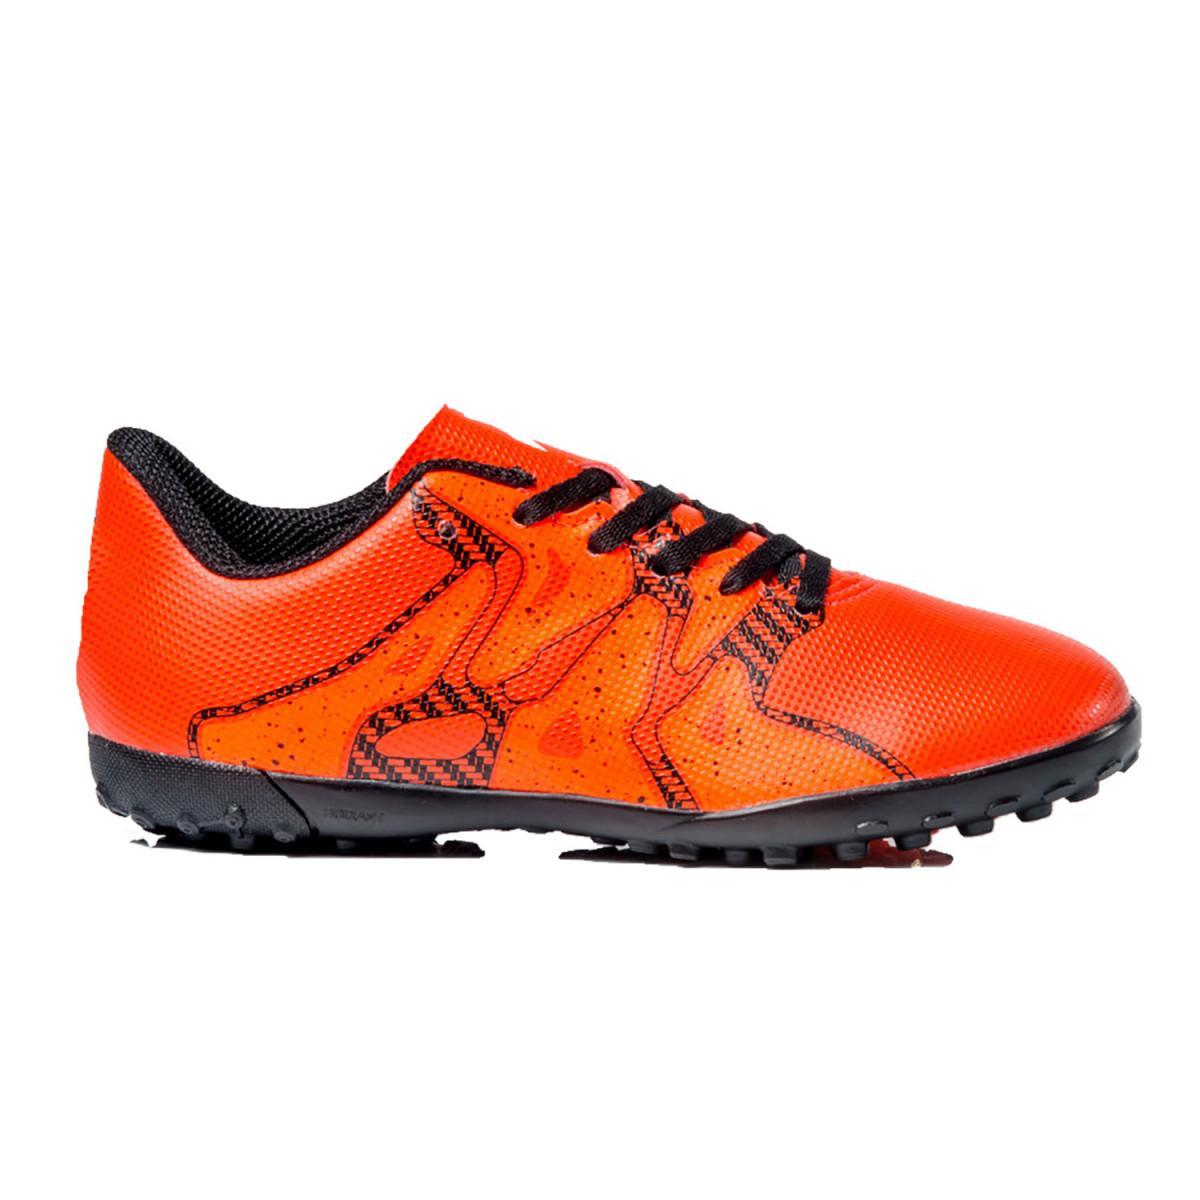 Botines Adidas X 15.4 Tf J 344e056398313